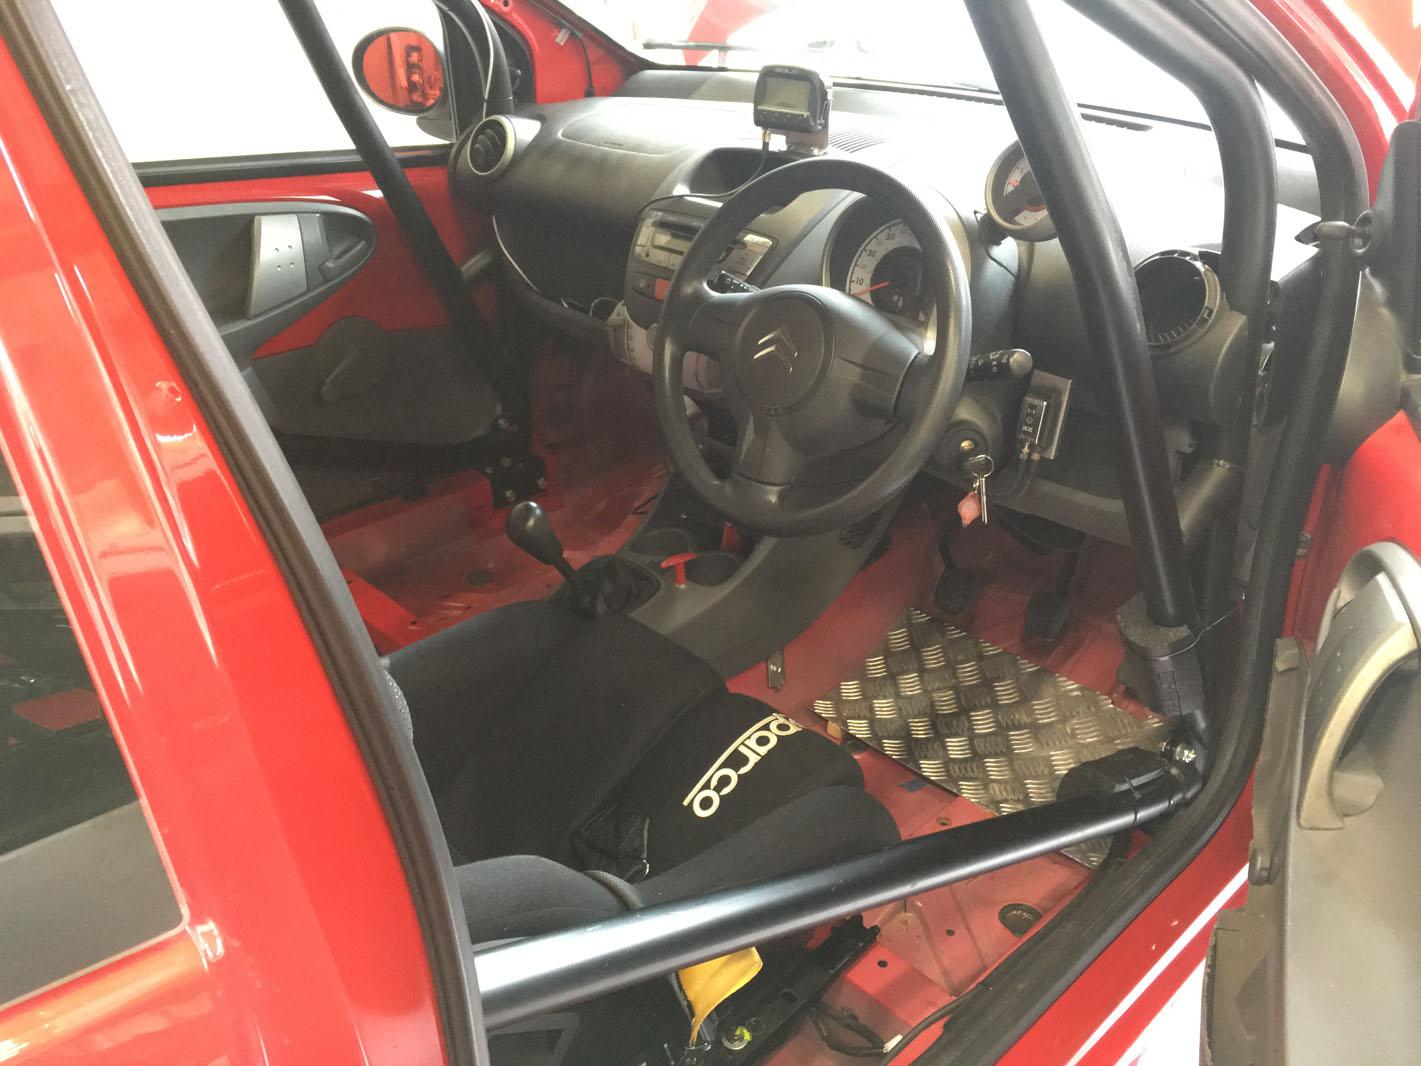 c1-racing-76 taciki.ru